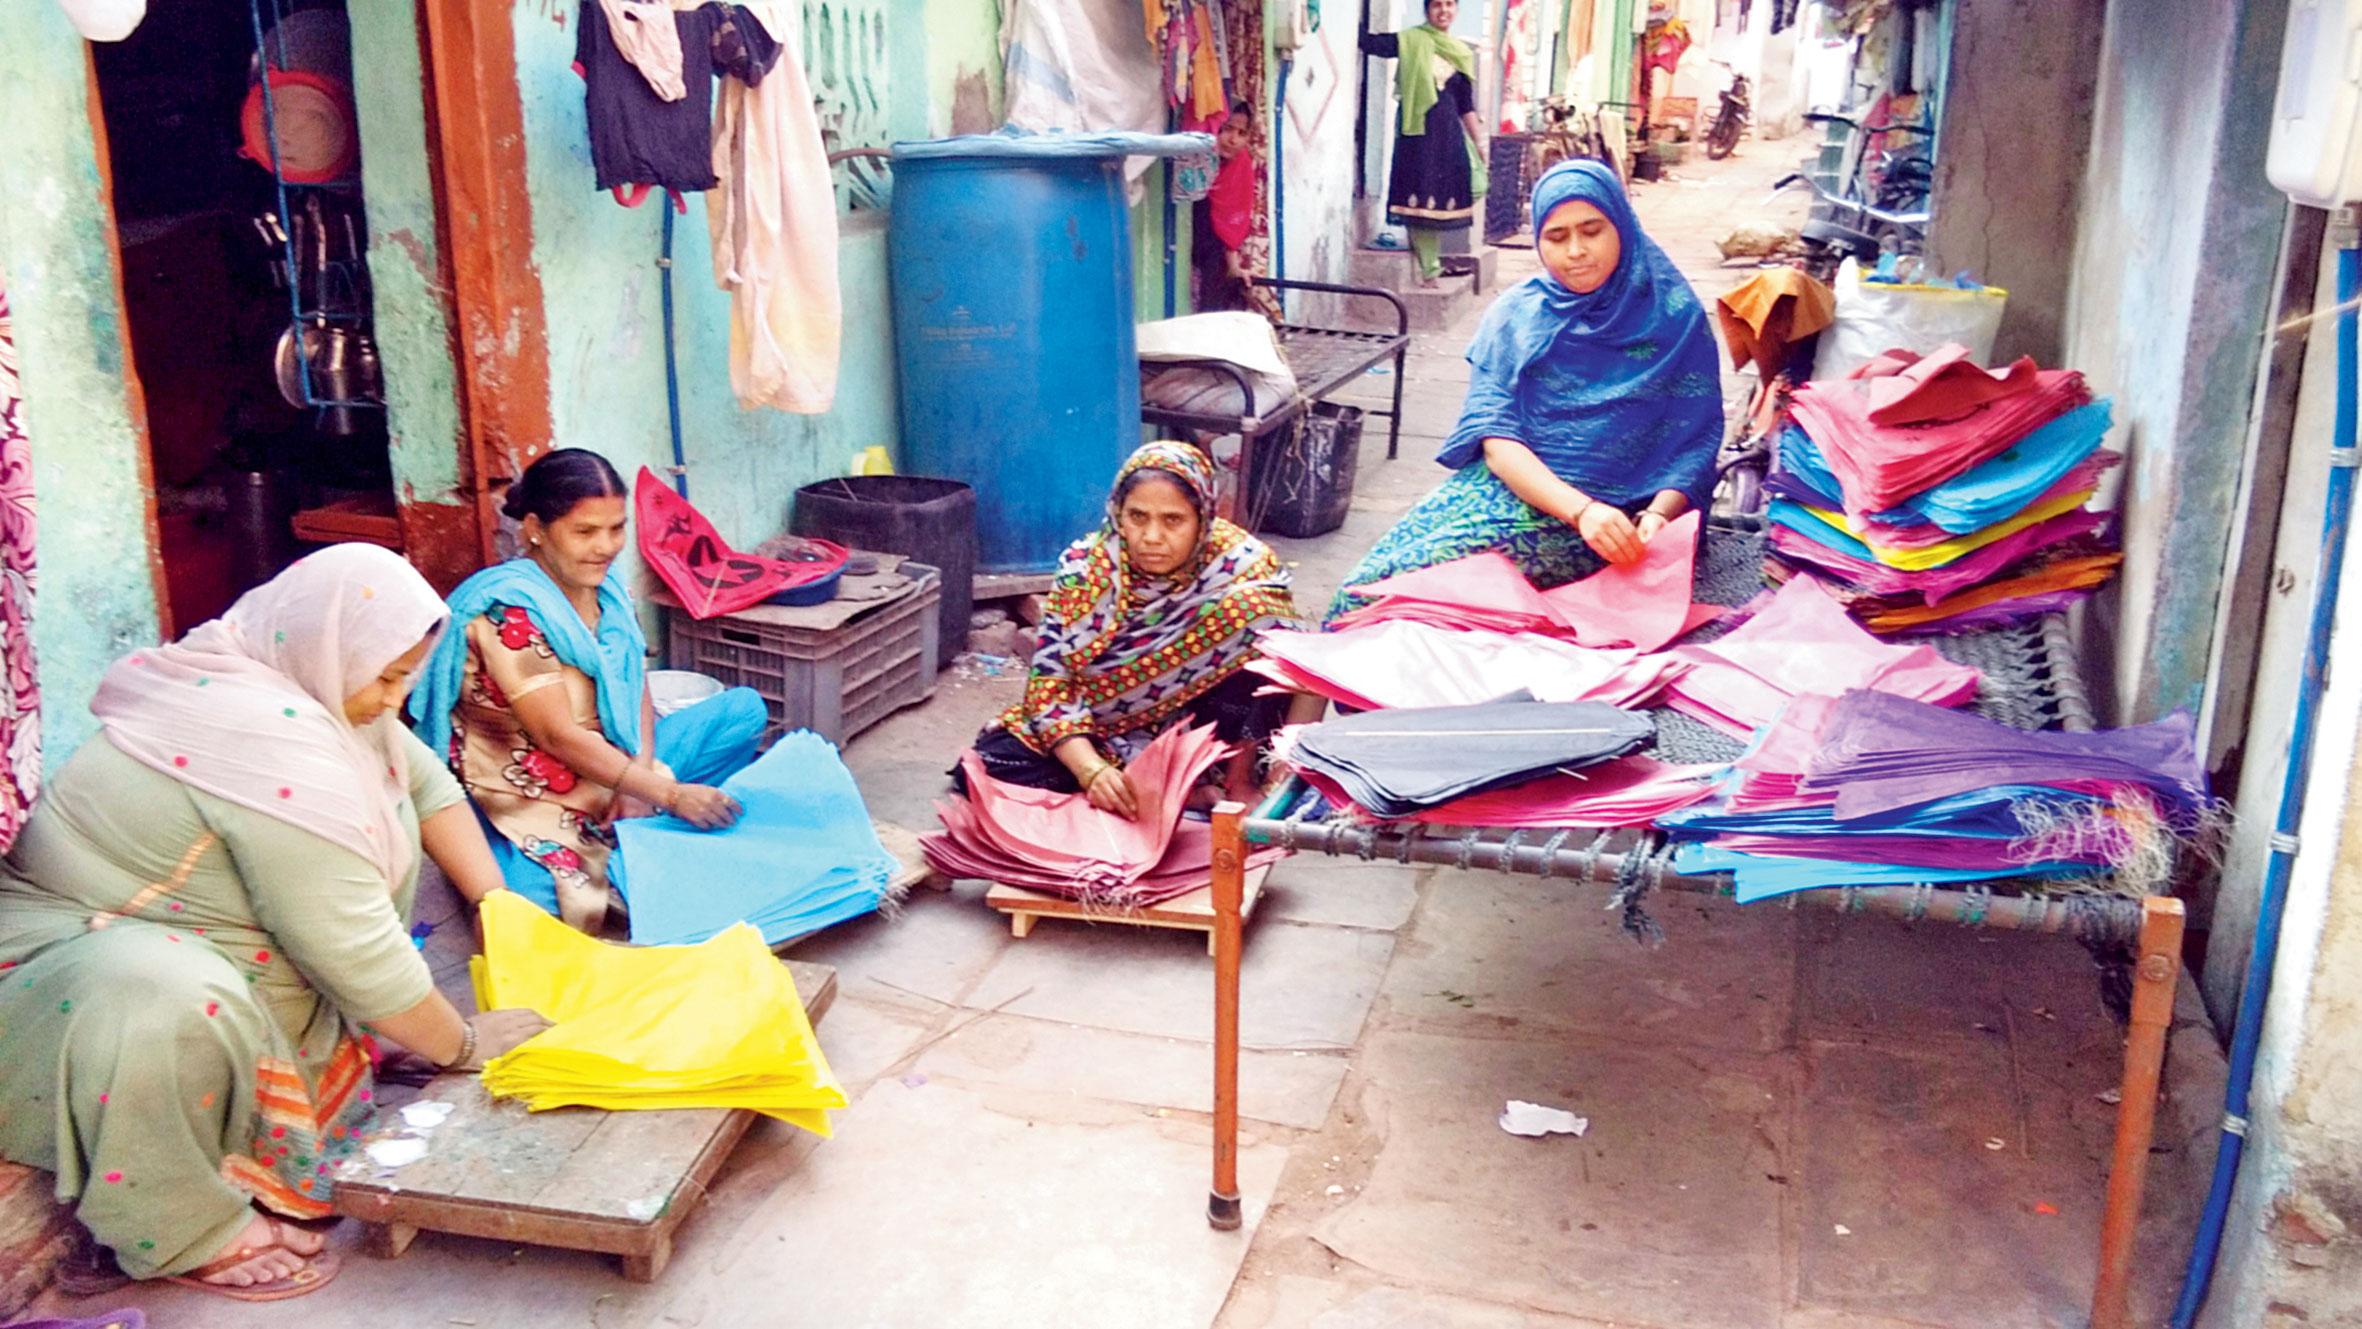 અમદાવાદમાં તાજેતરમાં યોજાયેલા આંતરરાષ્ટ્રીય પતંગોત્સવના ઉદ્ઘાટન પ્રસંગે ગુજરાતના મુખ્ય પ્રધાન વિજય રૂપાણીએ કહ્યું હતું, 'પ્રવાસનને પતંગ ઉદ્યોગ સાથે જોડીને આપણે ૨૦ કરોડનો પતંગઉદ્યોગ આજે ૬૦૦ કરોડથી વધુનો ઉદ્યોગ બનાવ્યો છે.'